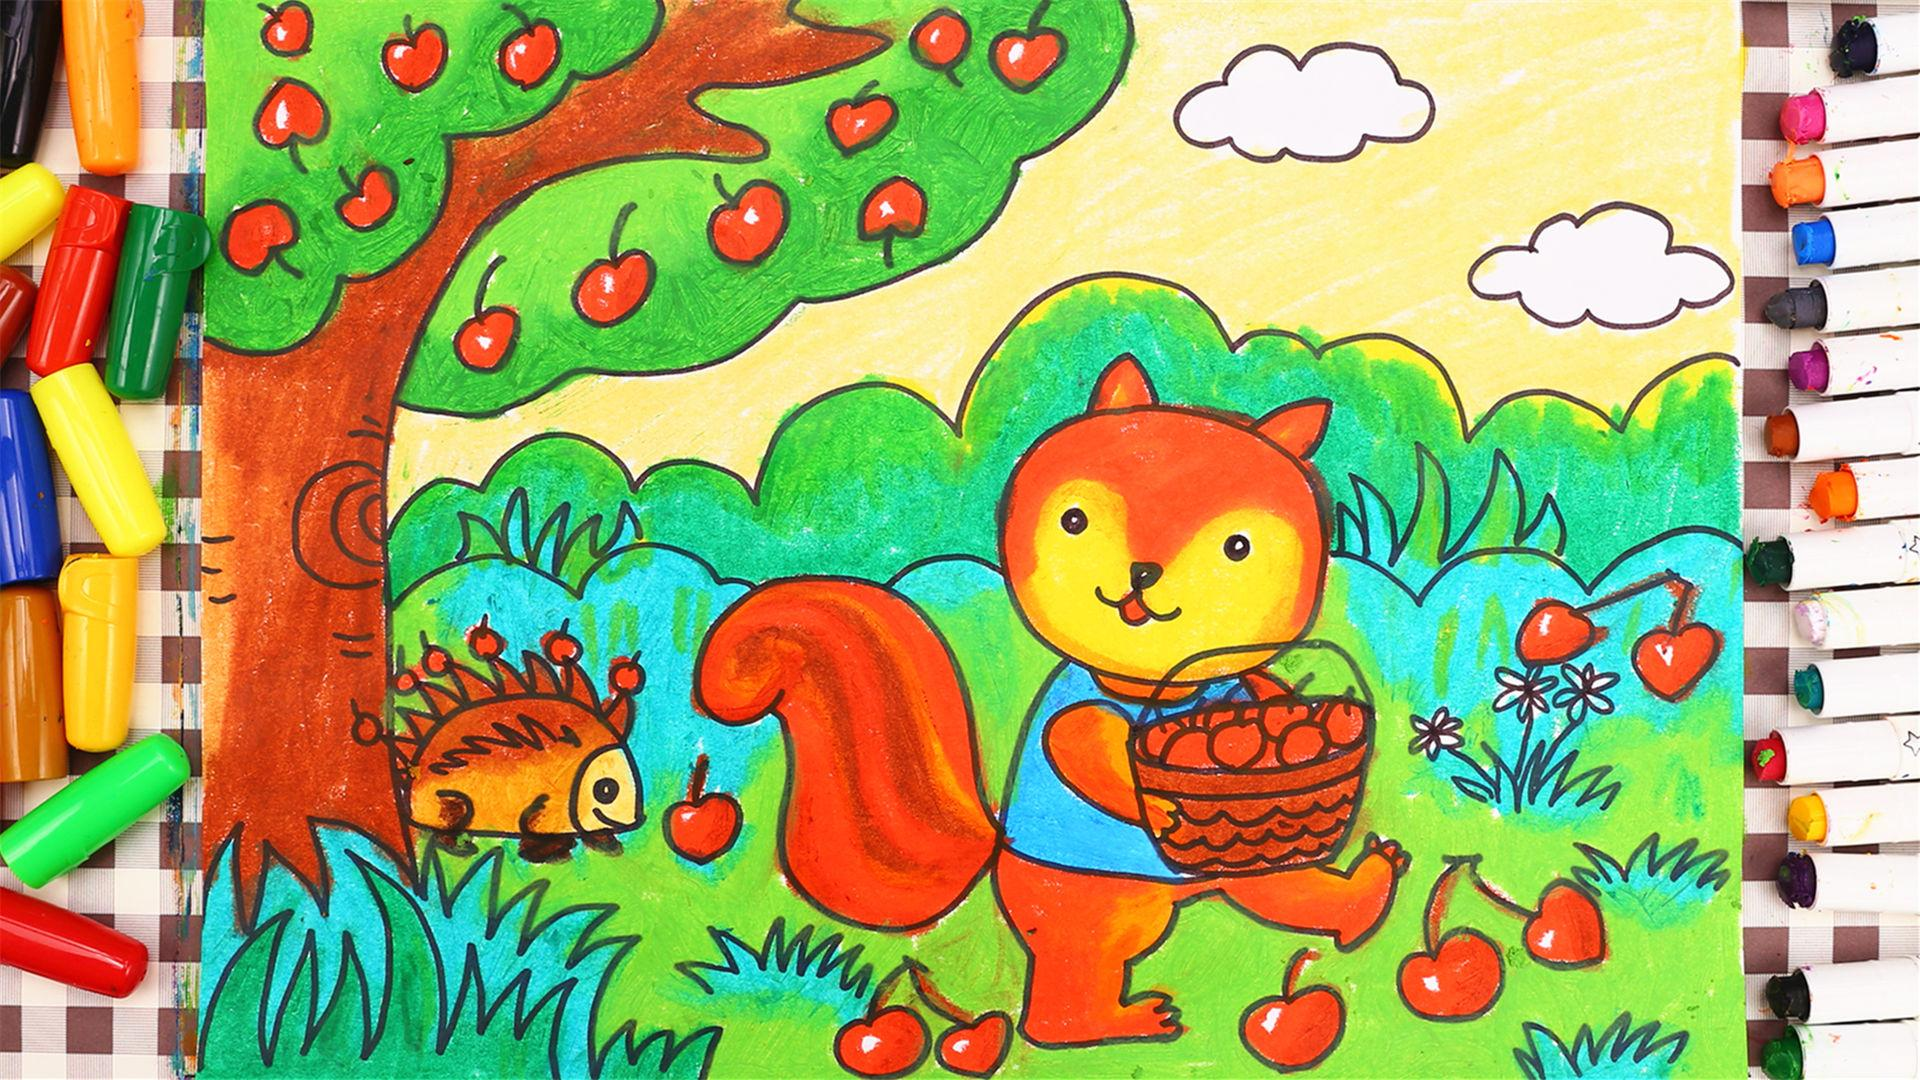 可以听的儿童故事画 森林里的 b>樱桃树 /b>-贝儿学.图片